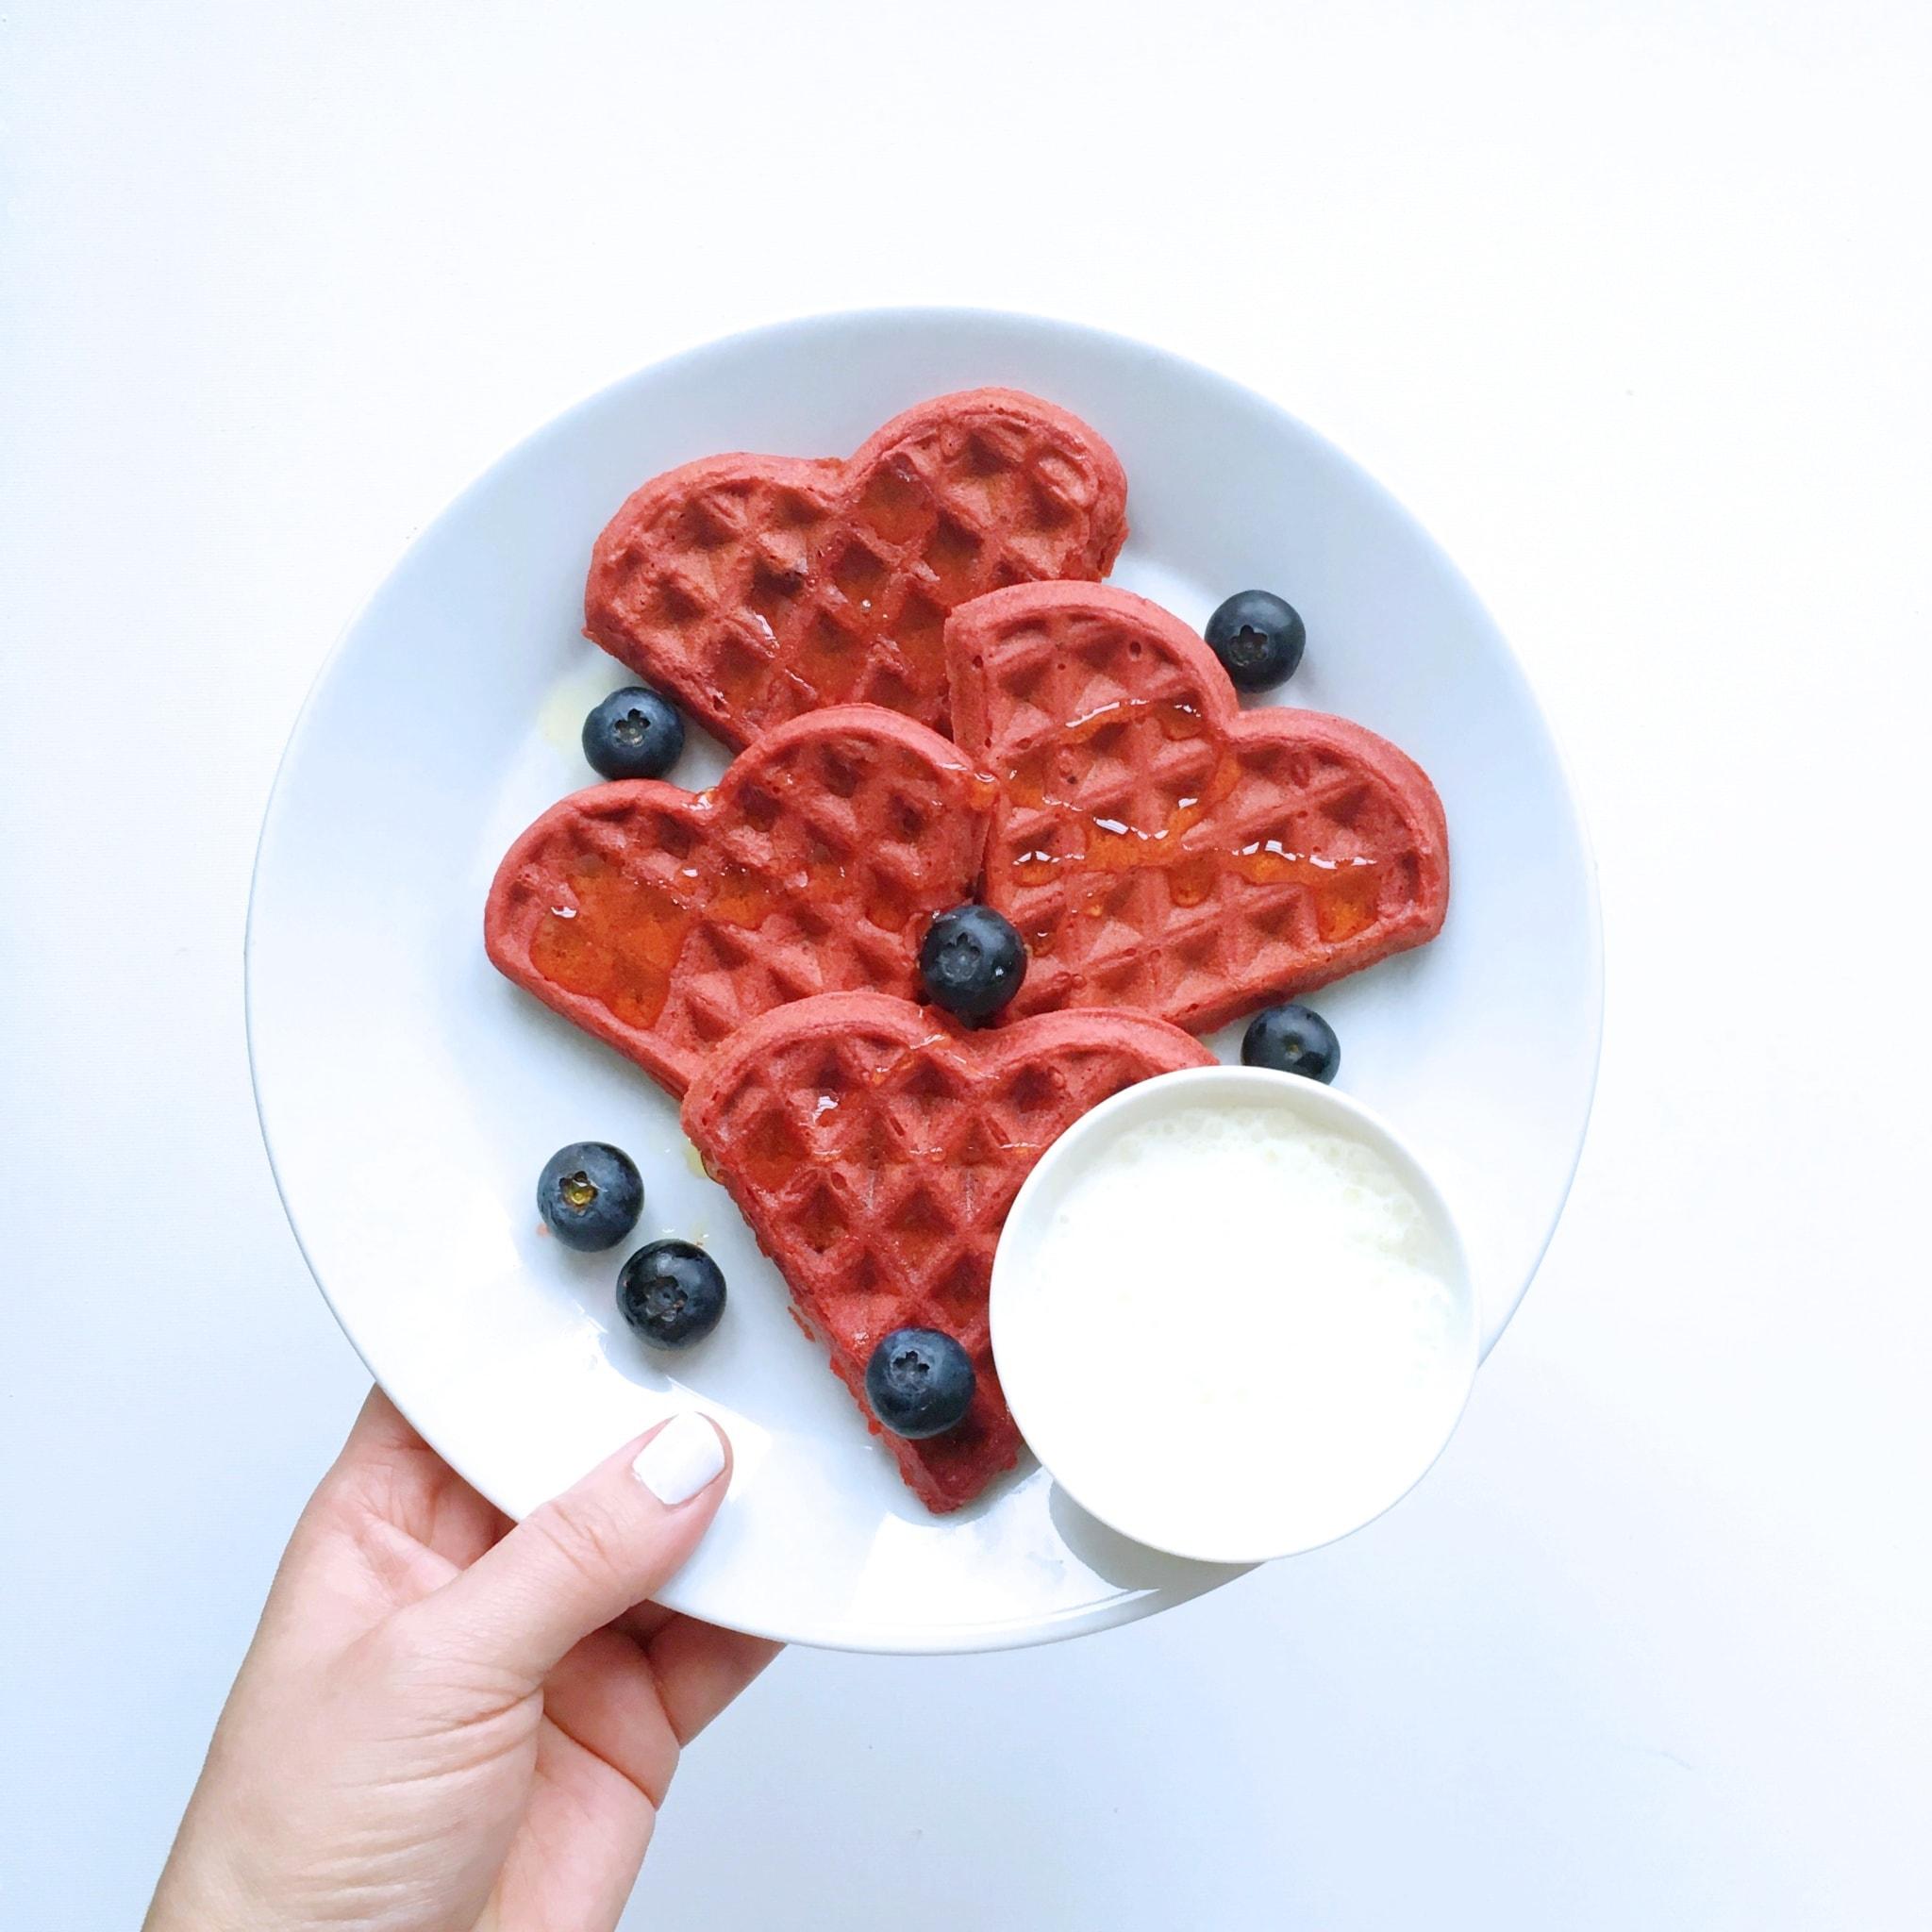 red velvet wafels culinessa - Red Velvet wafels voor Valentijn